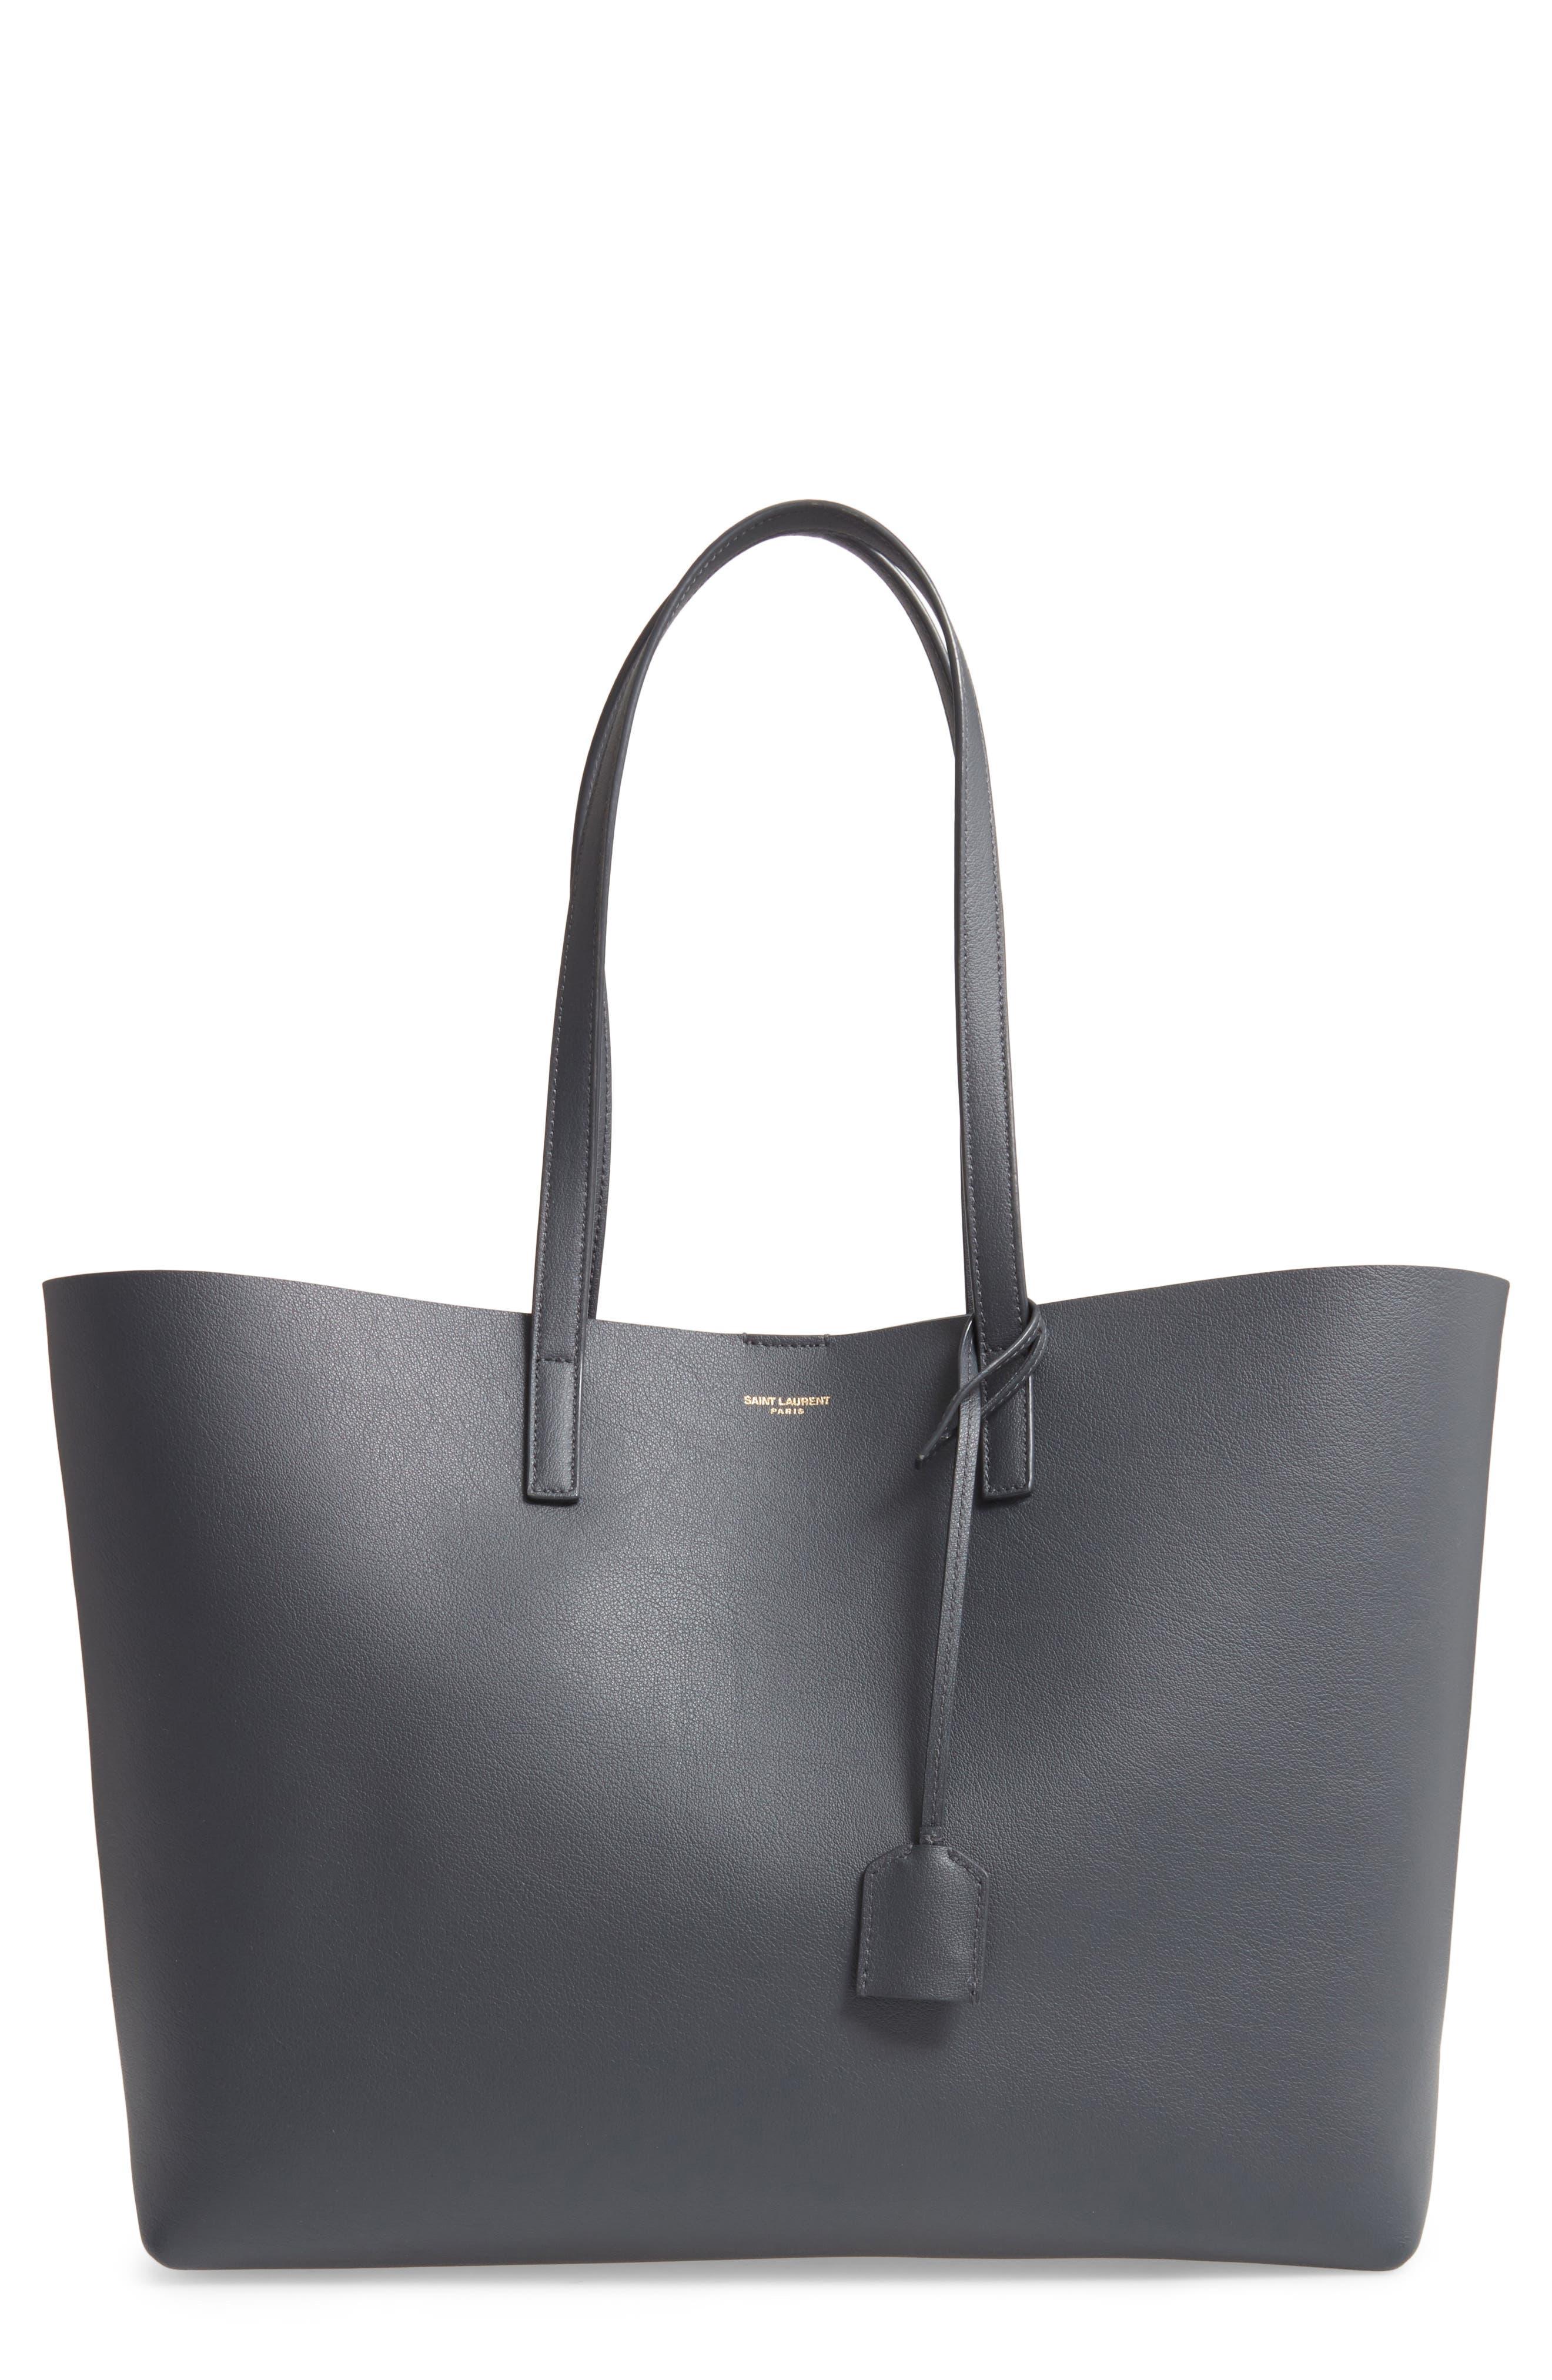 e881c55ff293 ysl handbags | Nordstrom